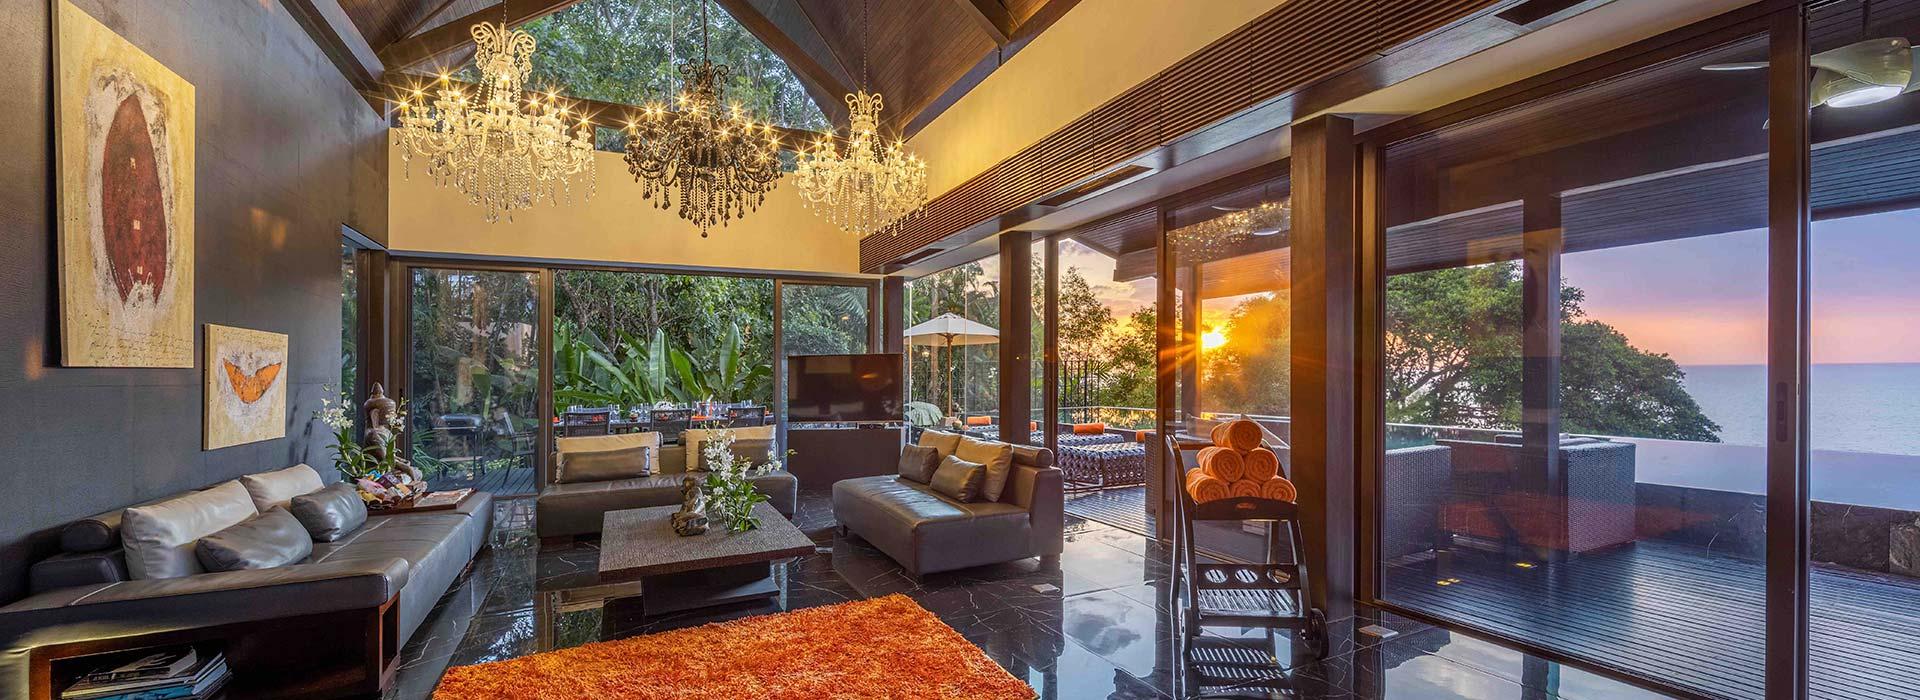 Yang 4 Bed Villa<br>Kamala, Phuket